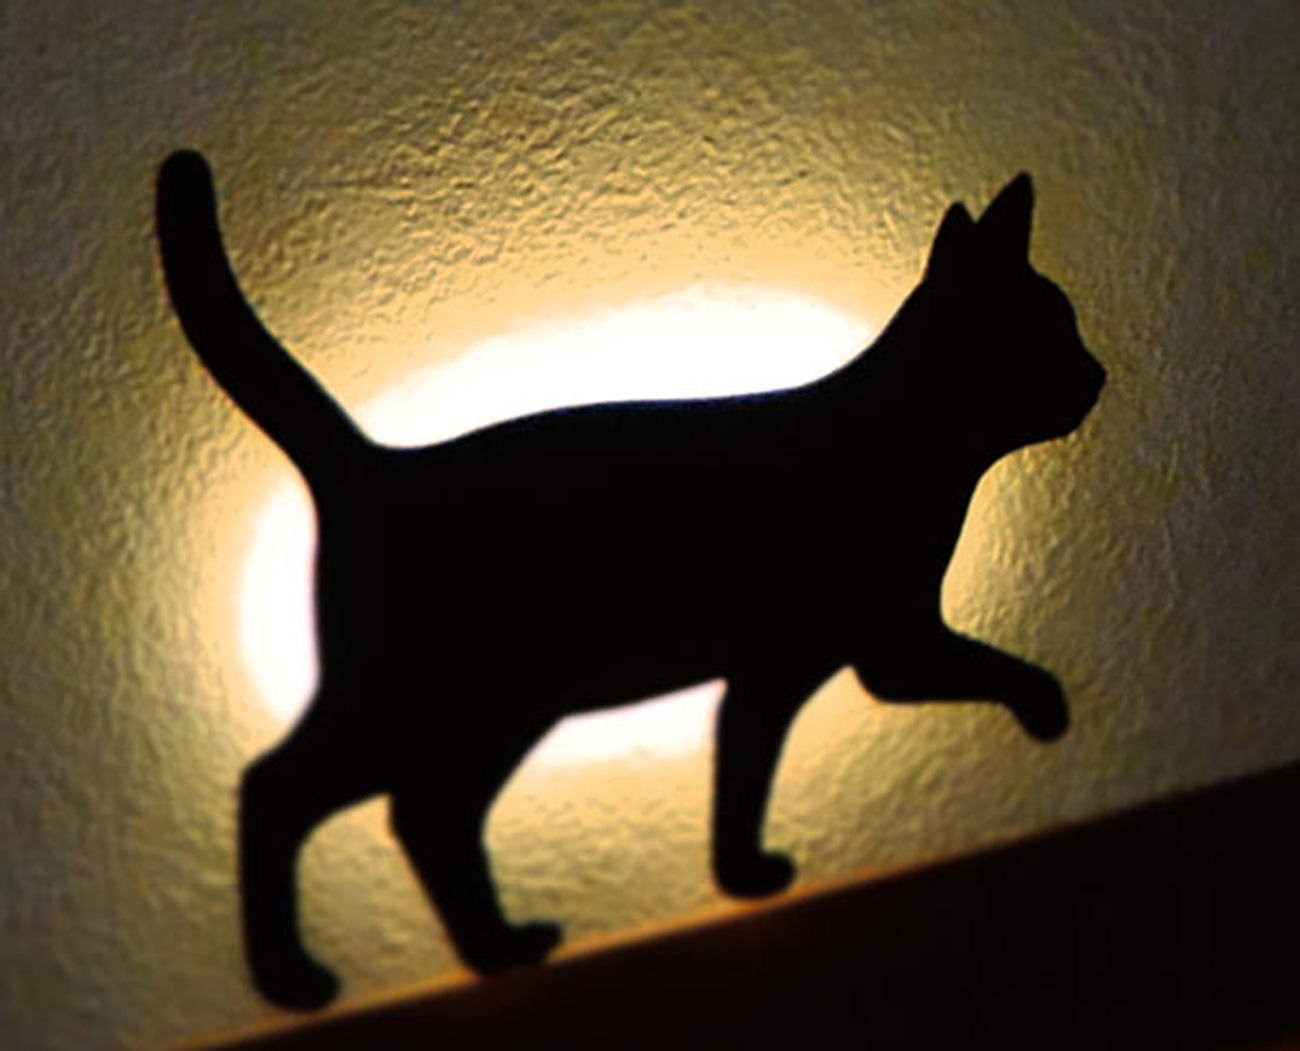 CASTILLO (カスティージョ)のオーナー様は猫好きで猫をモチーフとして欲しいと依頼